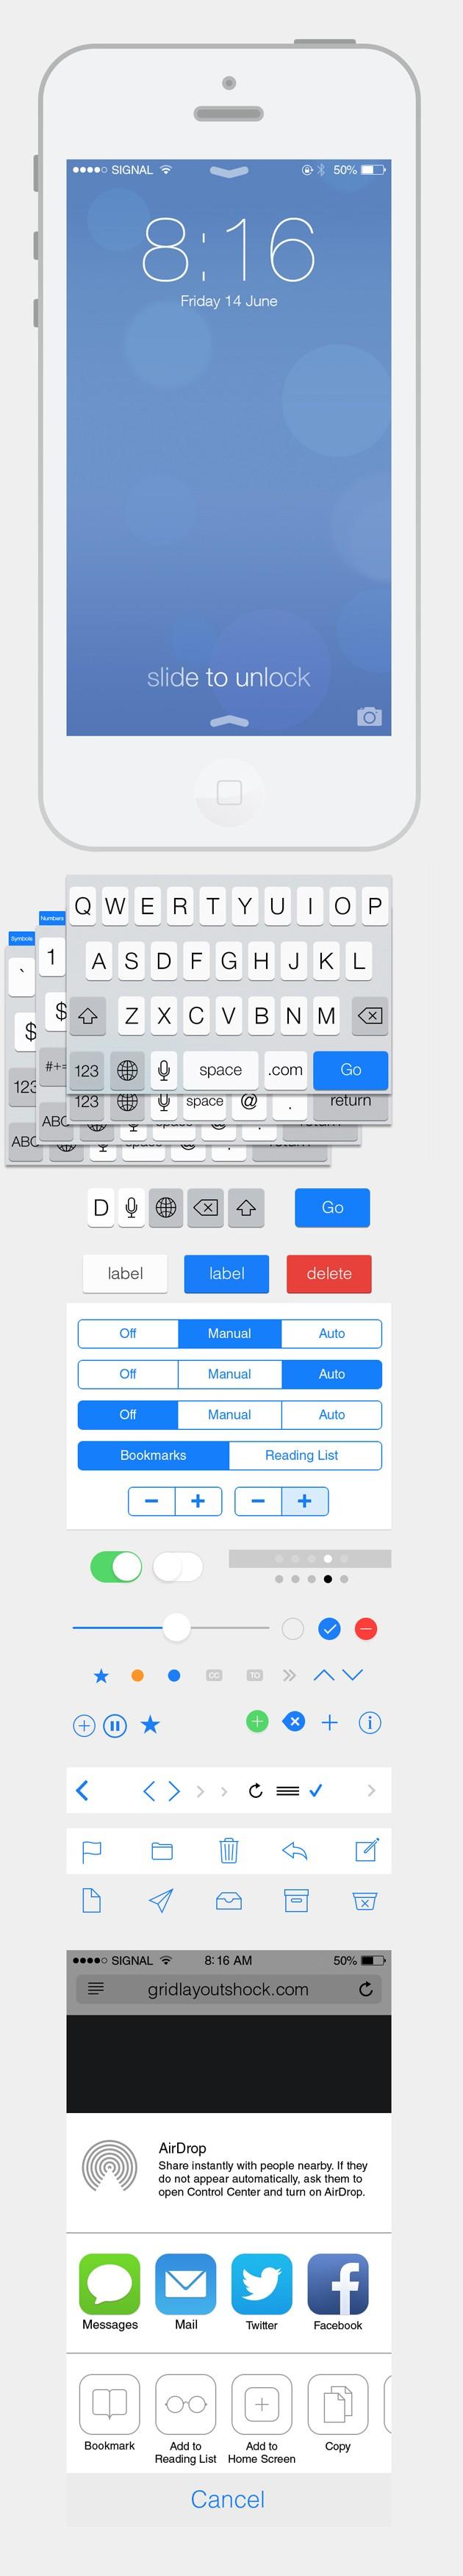 iOS-7-01